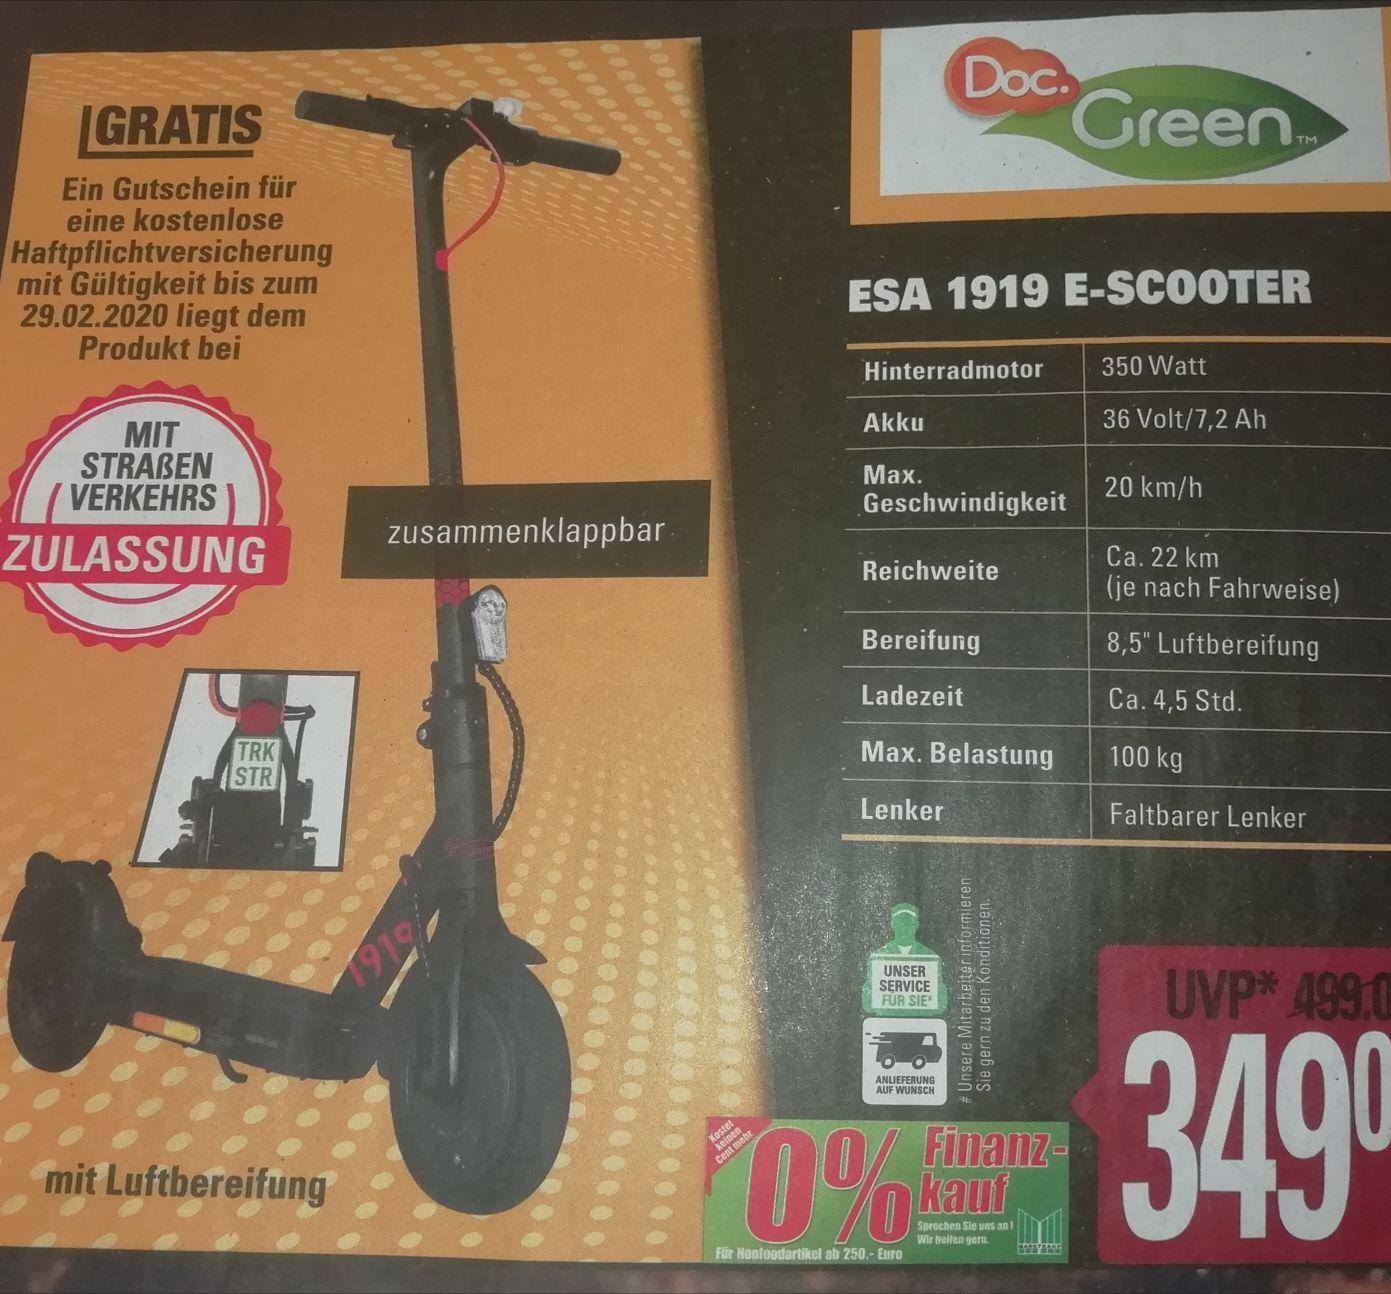 [Martkauf Minden-Hannover evtl. Bundesweit] Doc Green ESA 1919 E Scooter mit Straßenverkehrs Zulassung + Haftpflichtversicherung gratis